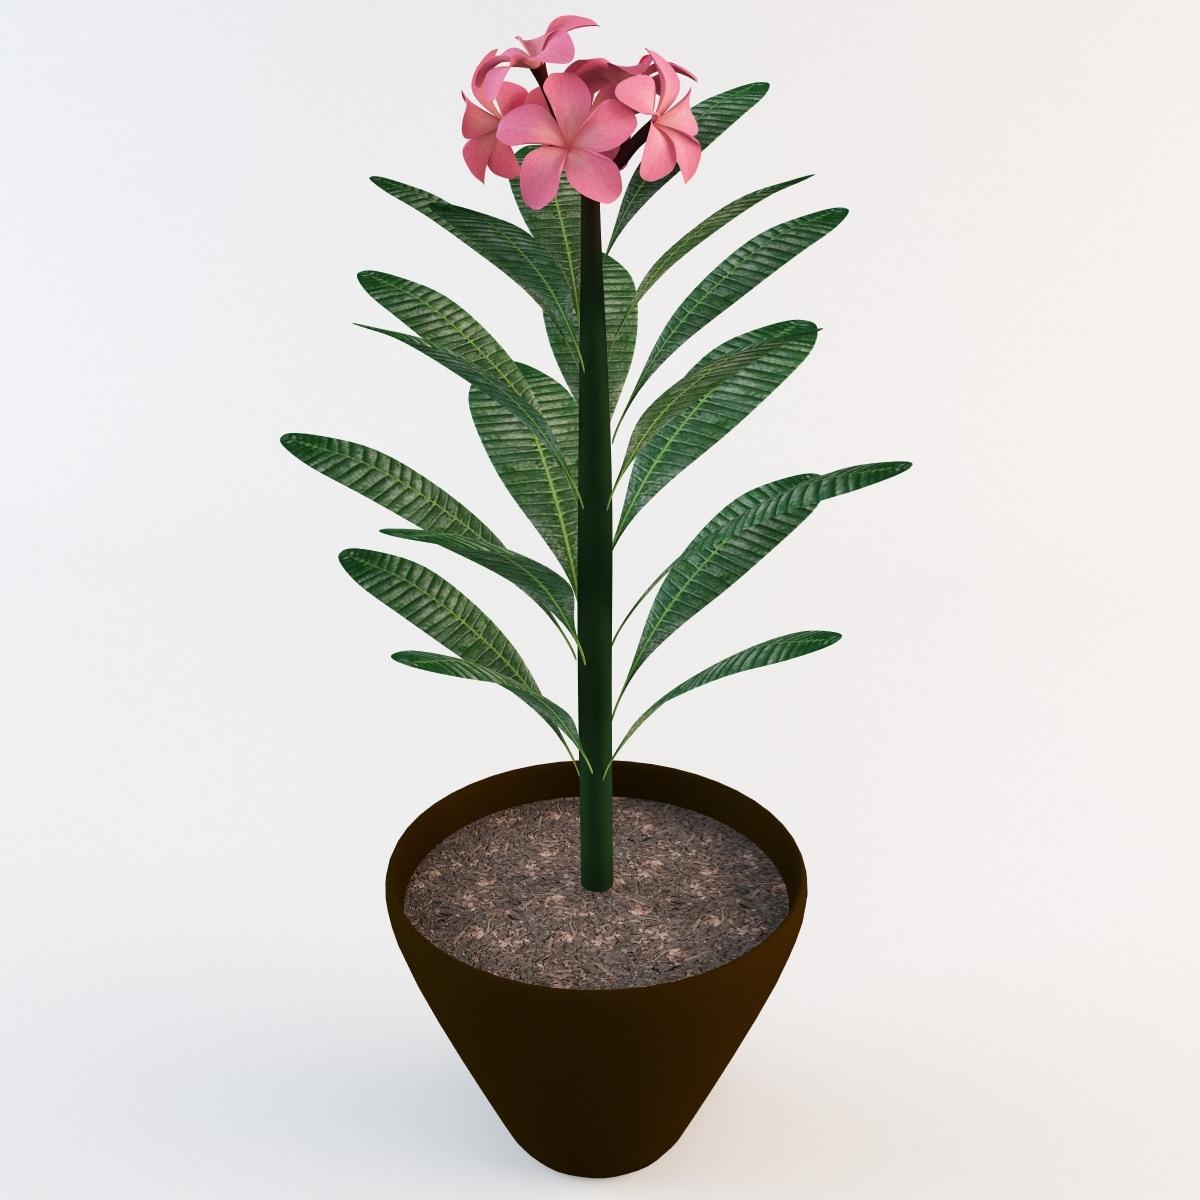 Pink Plumeria Plant